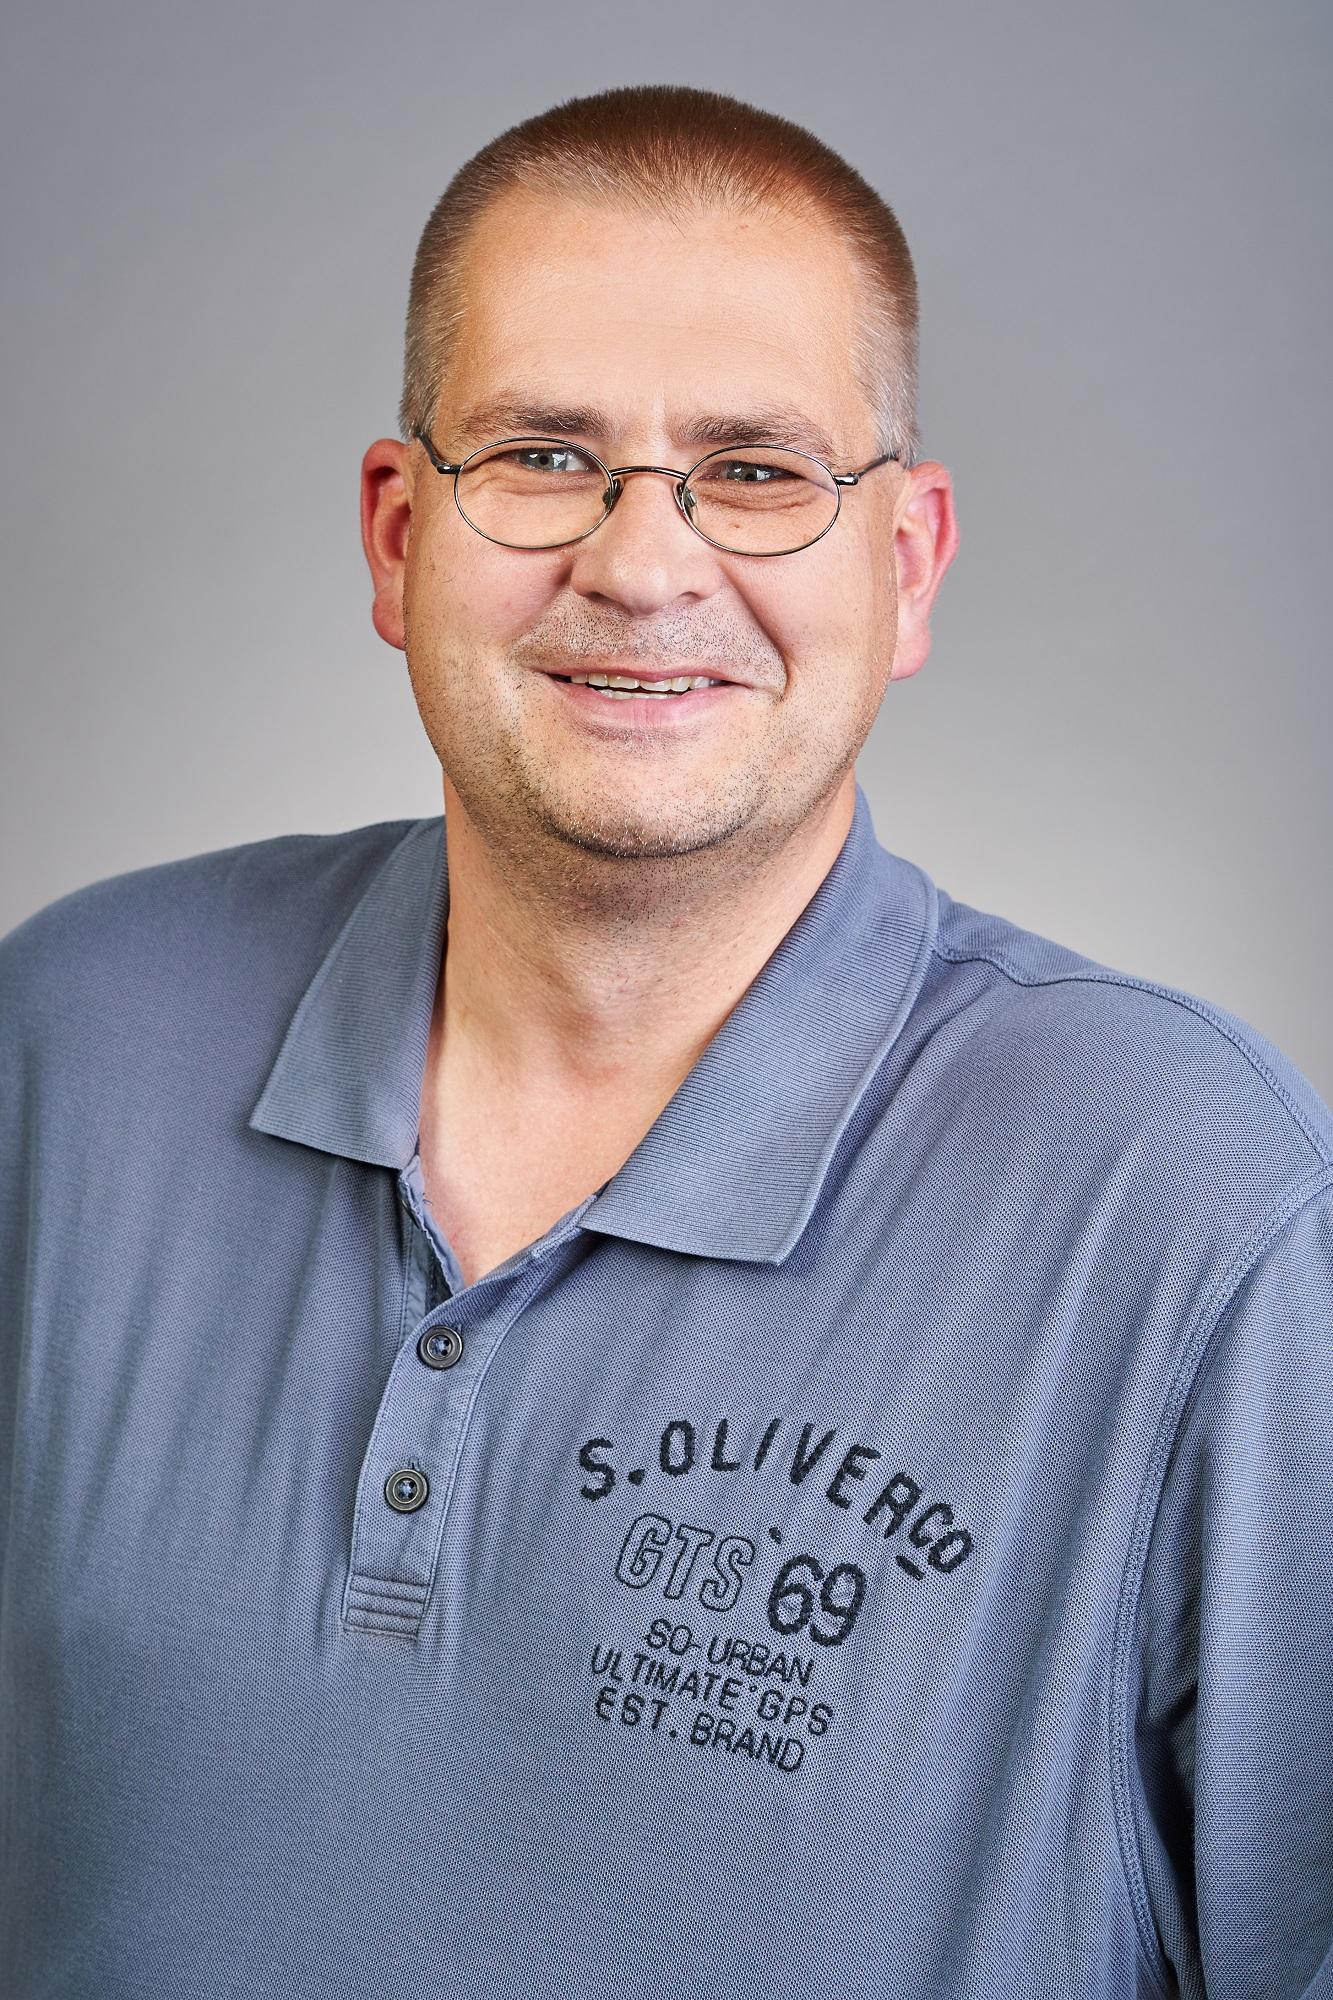 Jörg-Rolfs Betreuung & Logistik